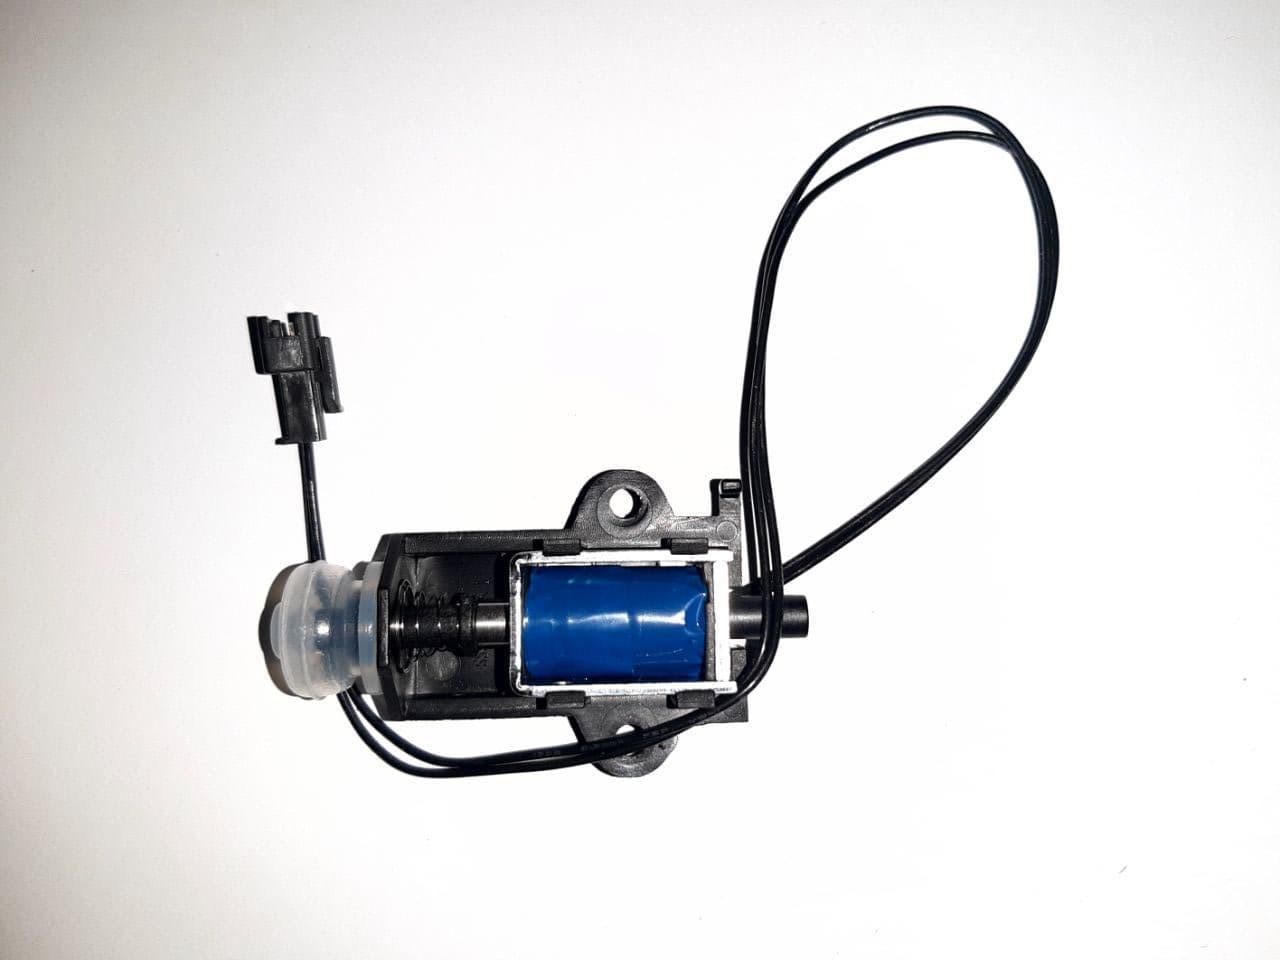 Електромагнітний клапан з ущільнювачем для мультиварки-скороварки Redmond RMC-M140